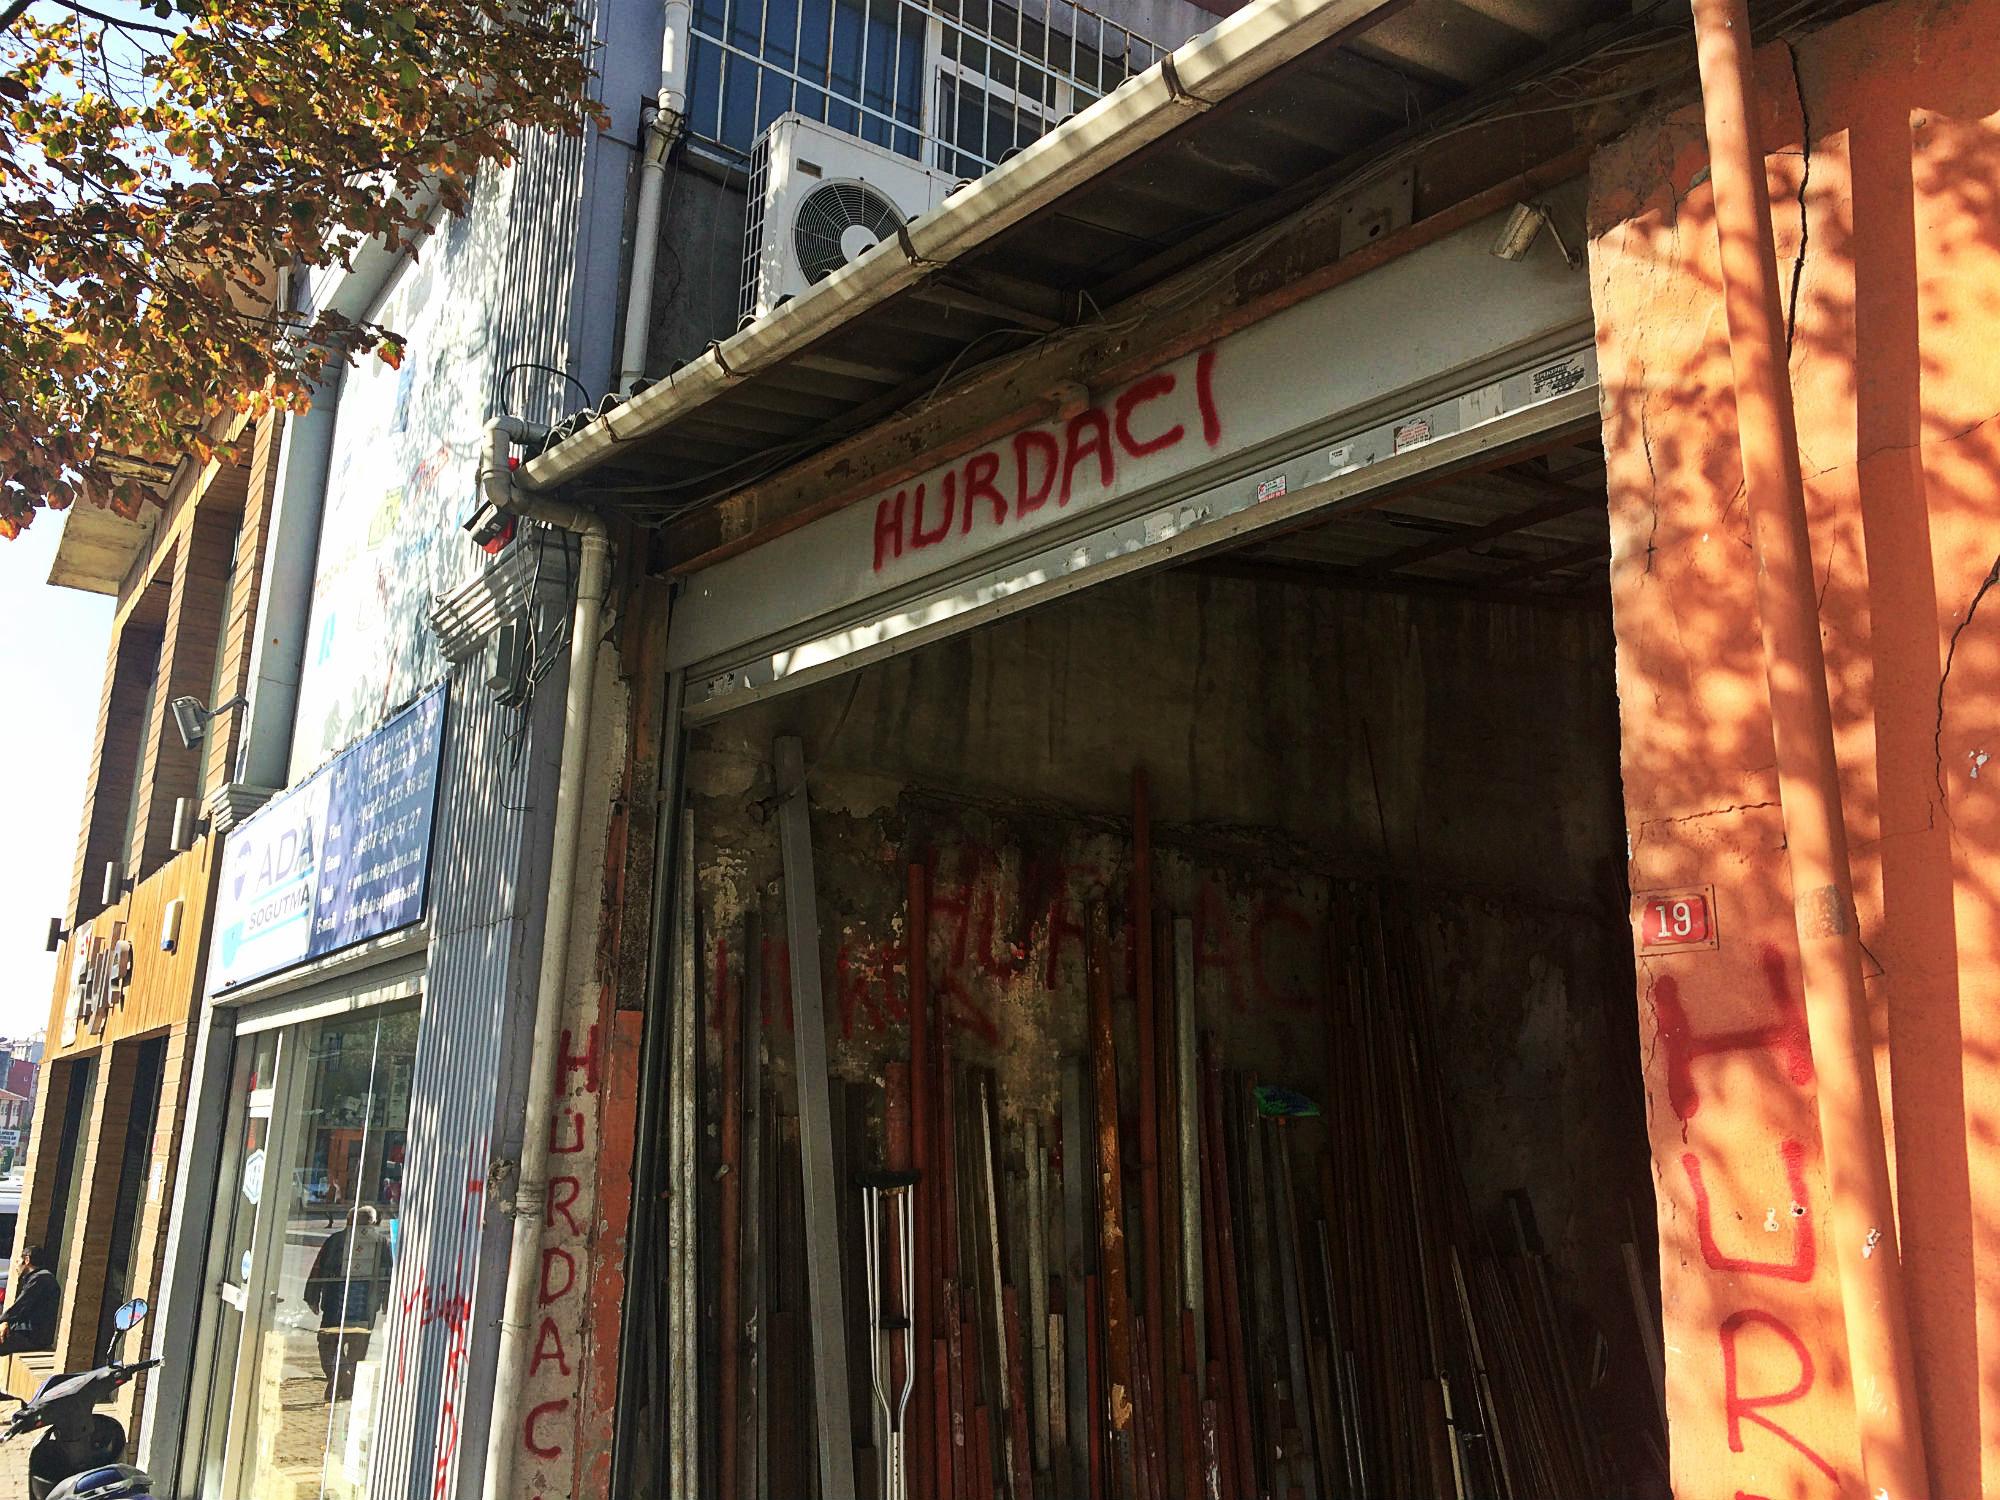 Hurdacı / Trödler, Alteisenhändler, Istanbul 2017